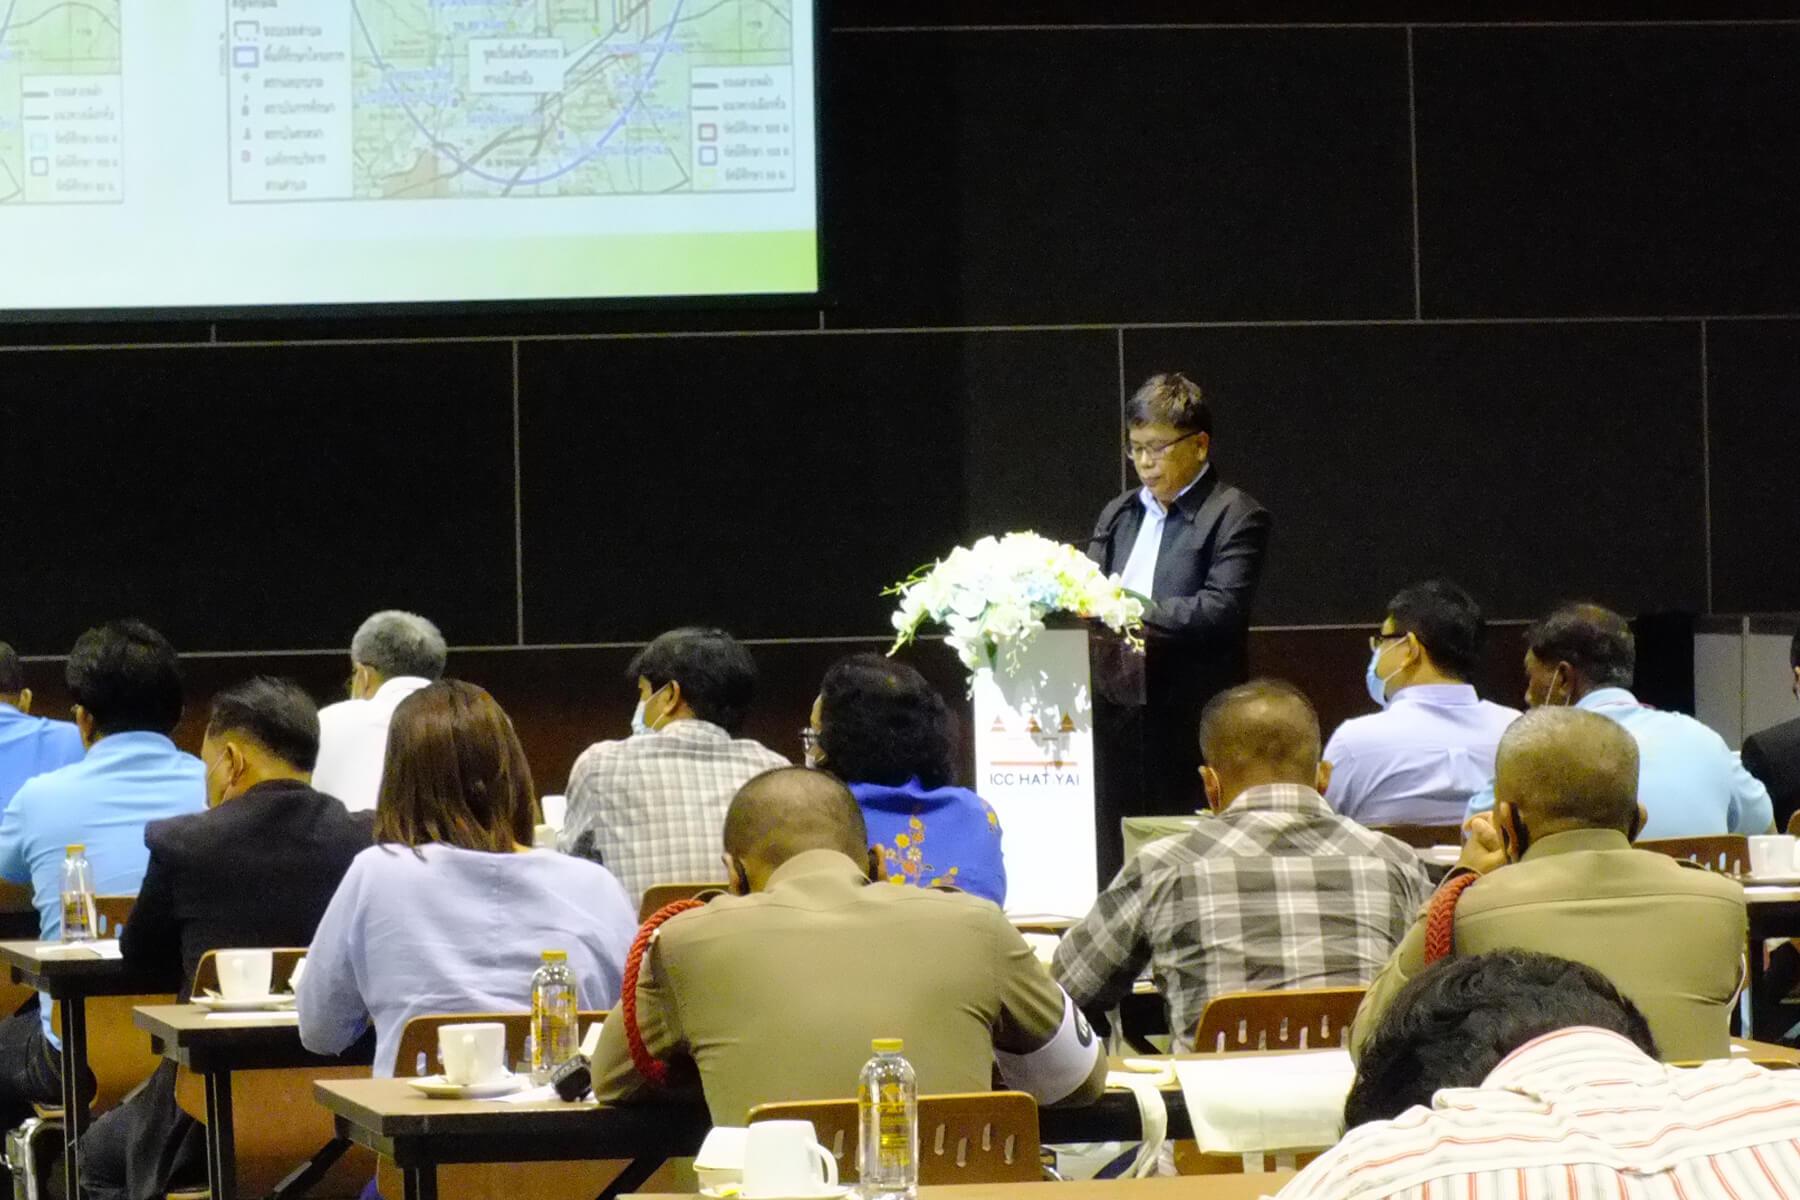 8 ปฐมนิเทศออกแบบถนนทางหลวงชนบท ICC HATYAI ศูนย์ประชุมนานาชาติฉลองสิริราชสมบัติครบ ๖๐ ปี